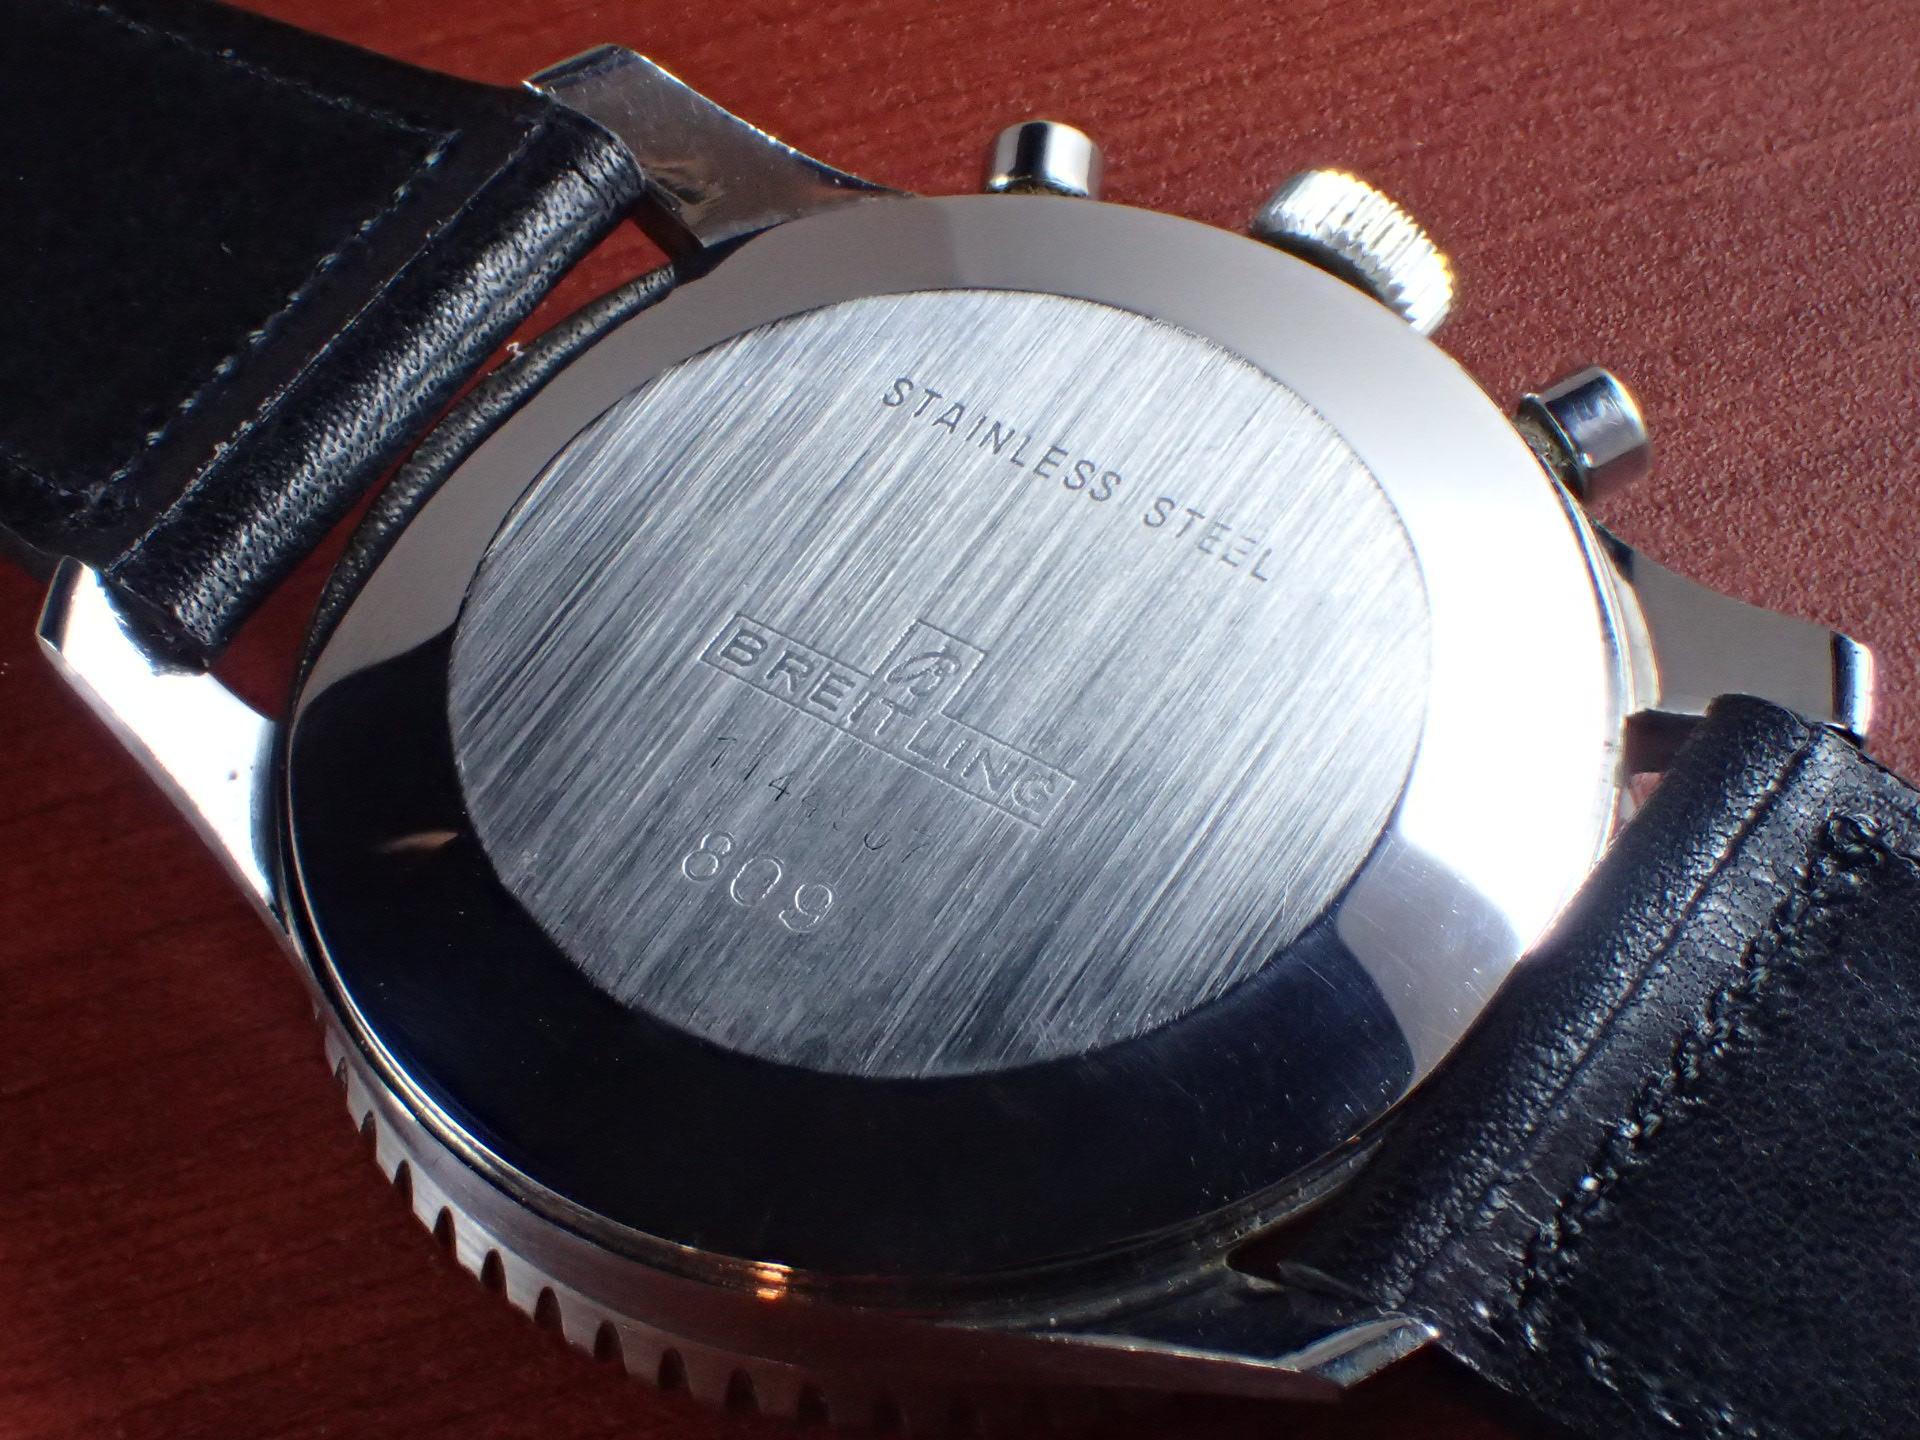 ブライトリング コスモノート Ref.809 24時間時計 1960年代の写真4枚目